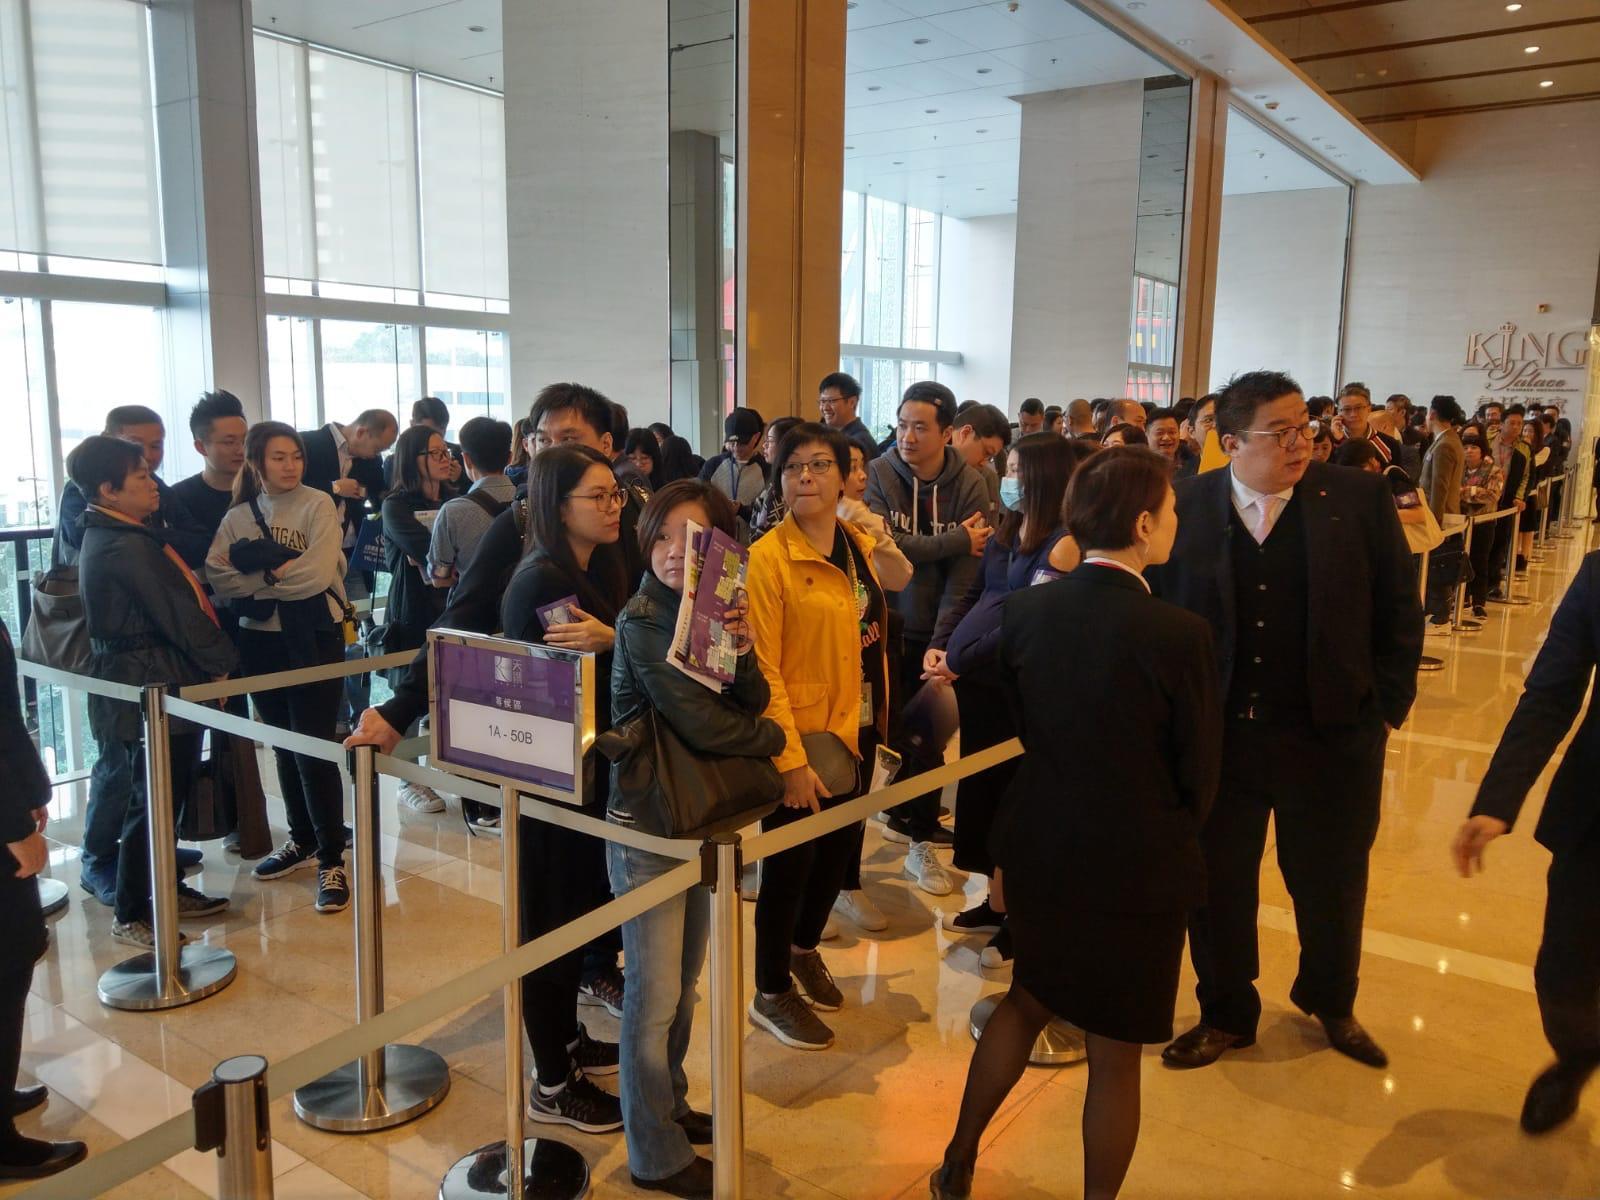 買家今早開始揀樓,大批準買家一早到場排隊等候,氣氛熱鬧。